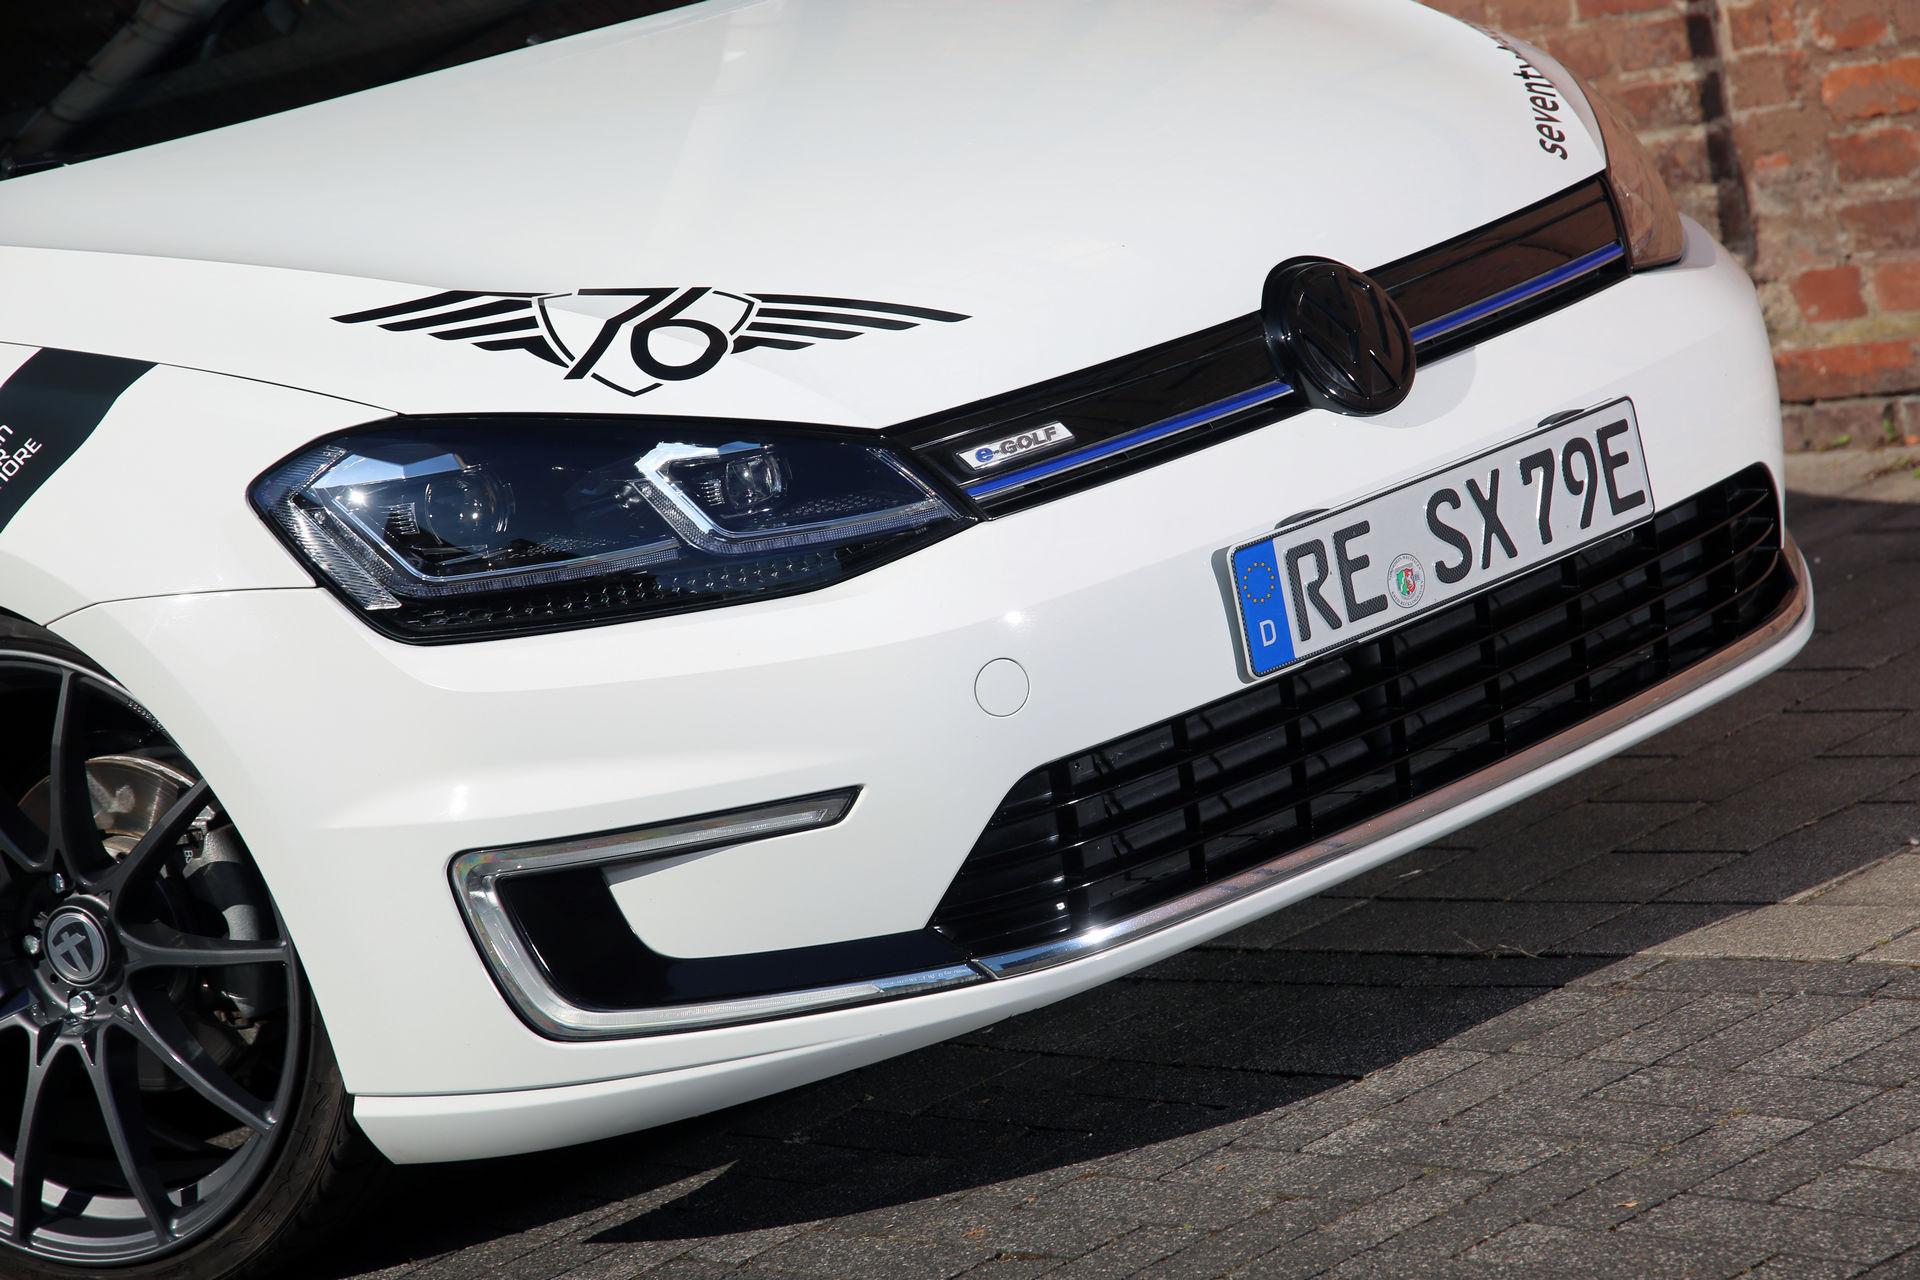 VW_e-Golf_by_xXx-Performance_0003